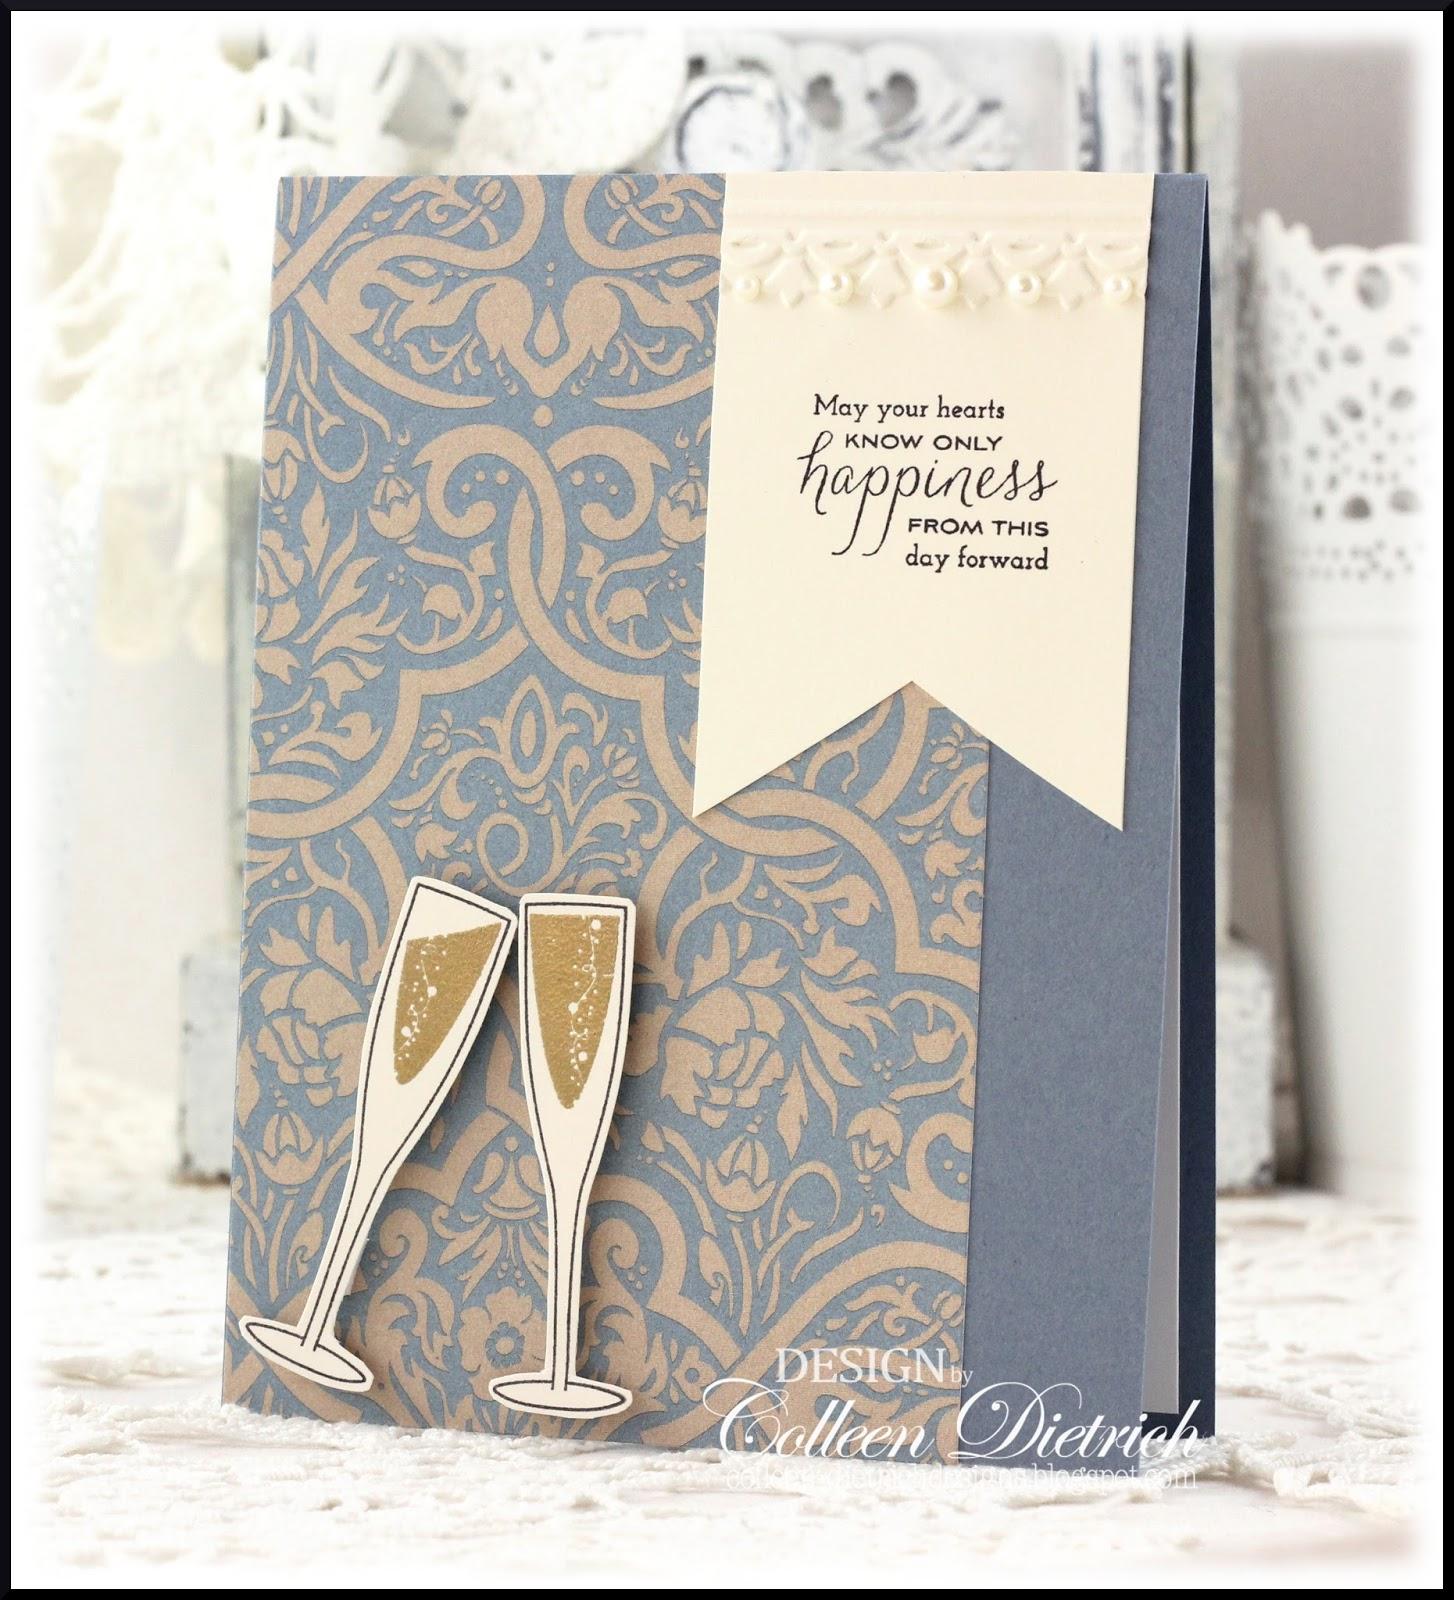 propose a toast